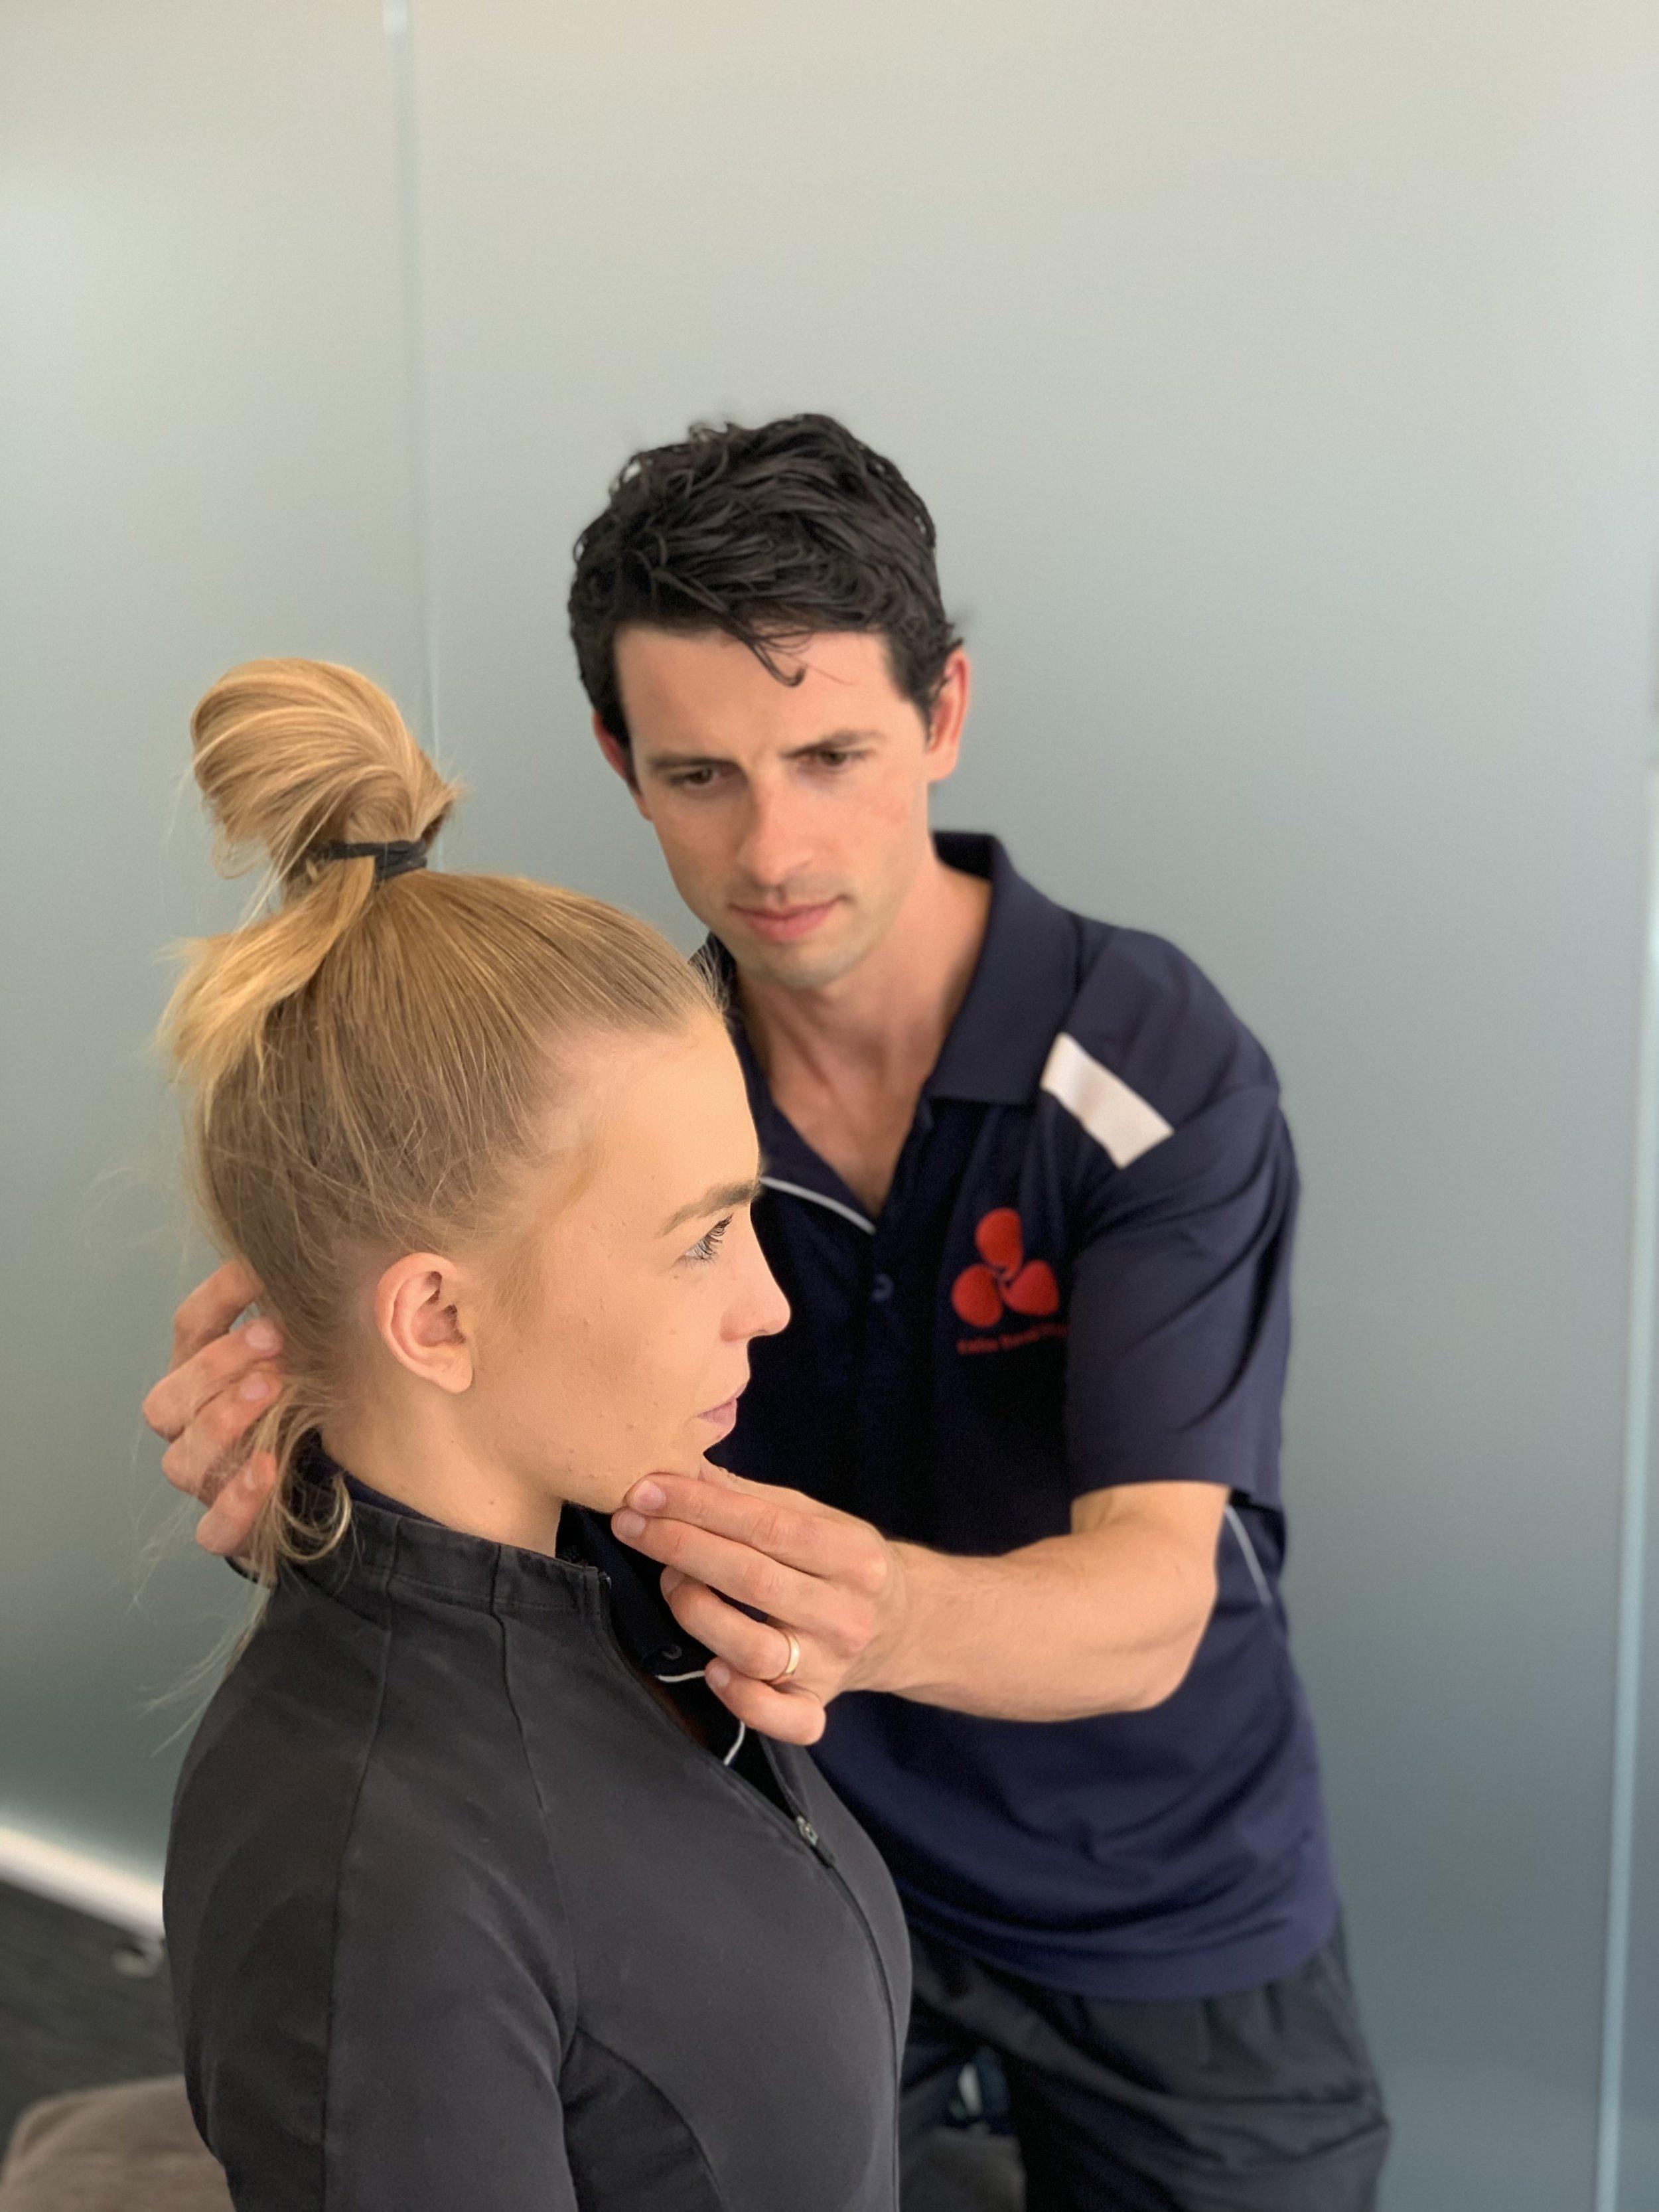 Postural ergonomic assessment for neck pain.